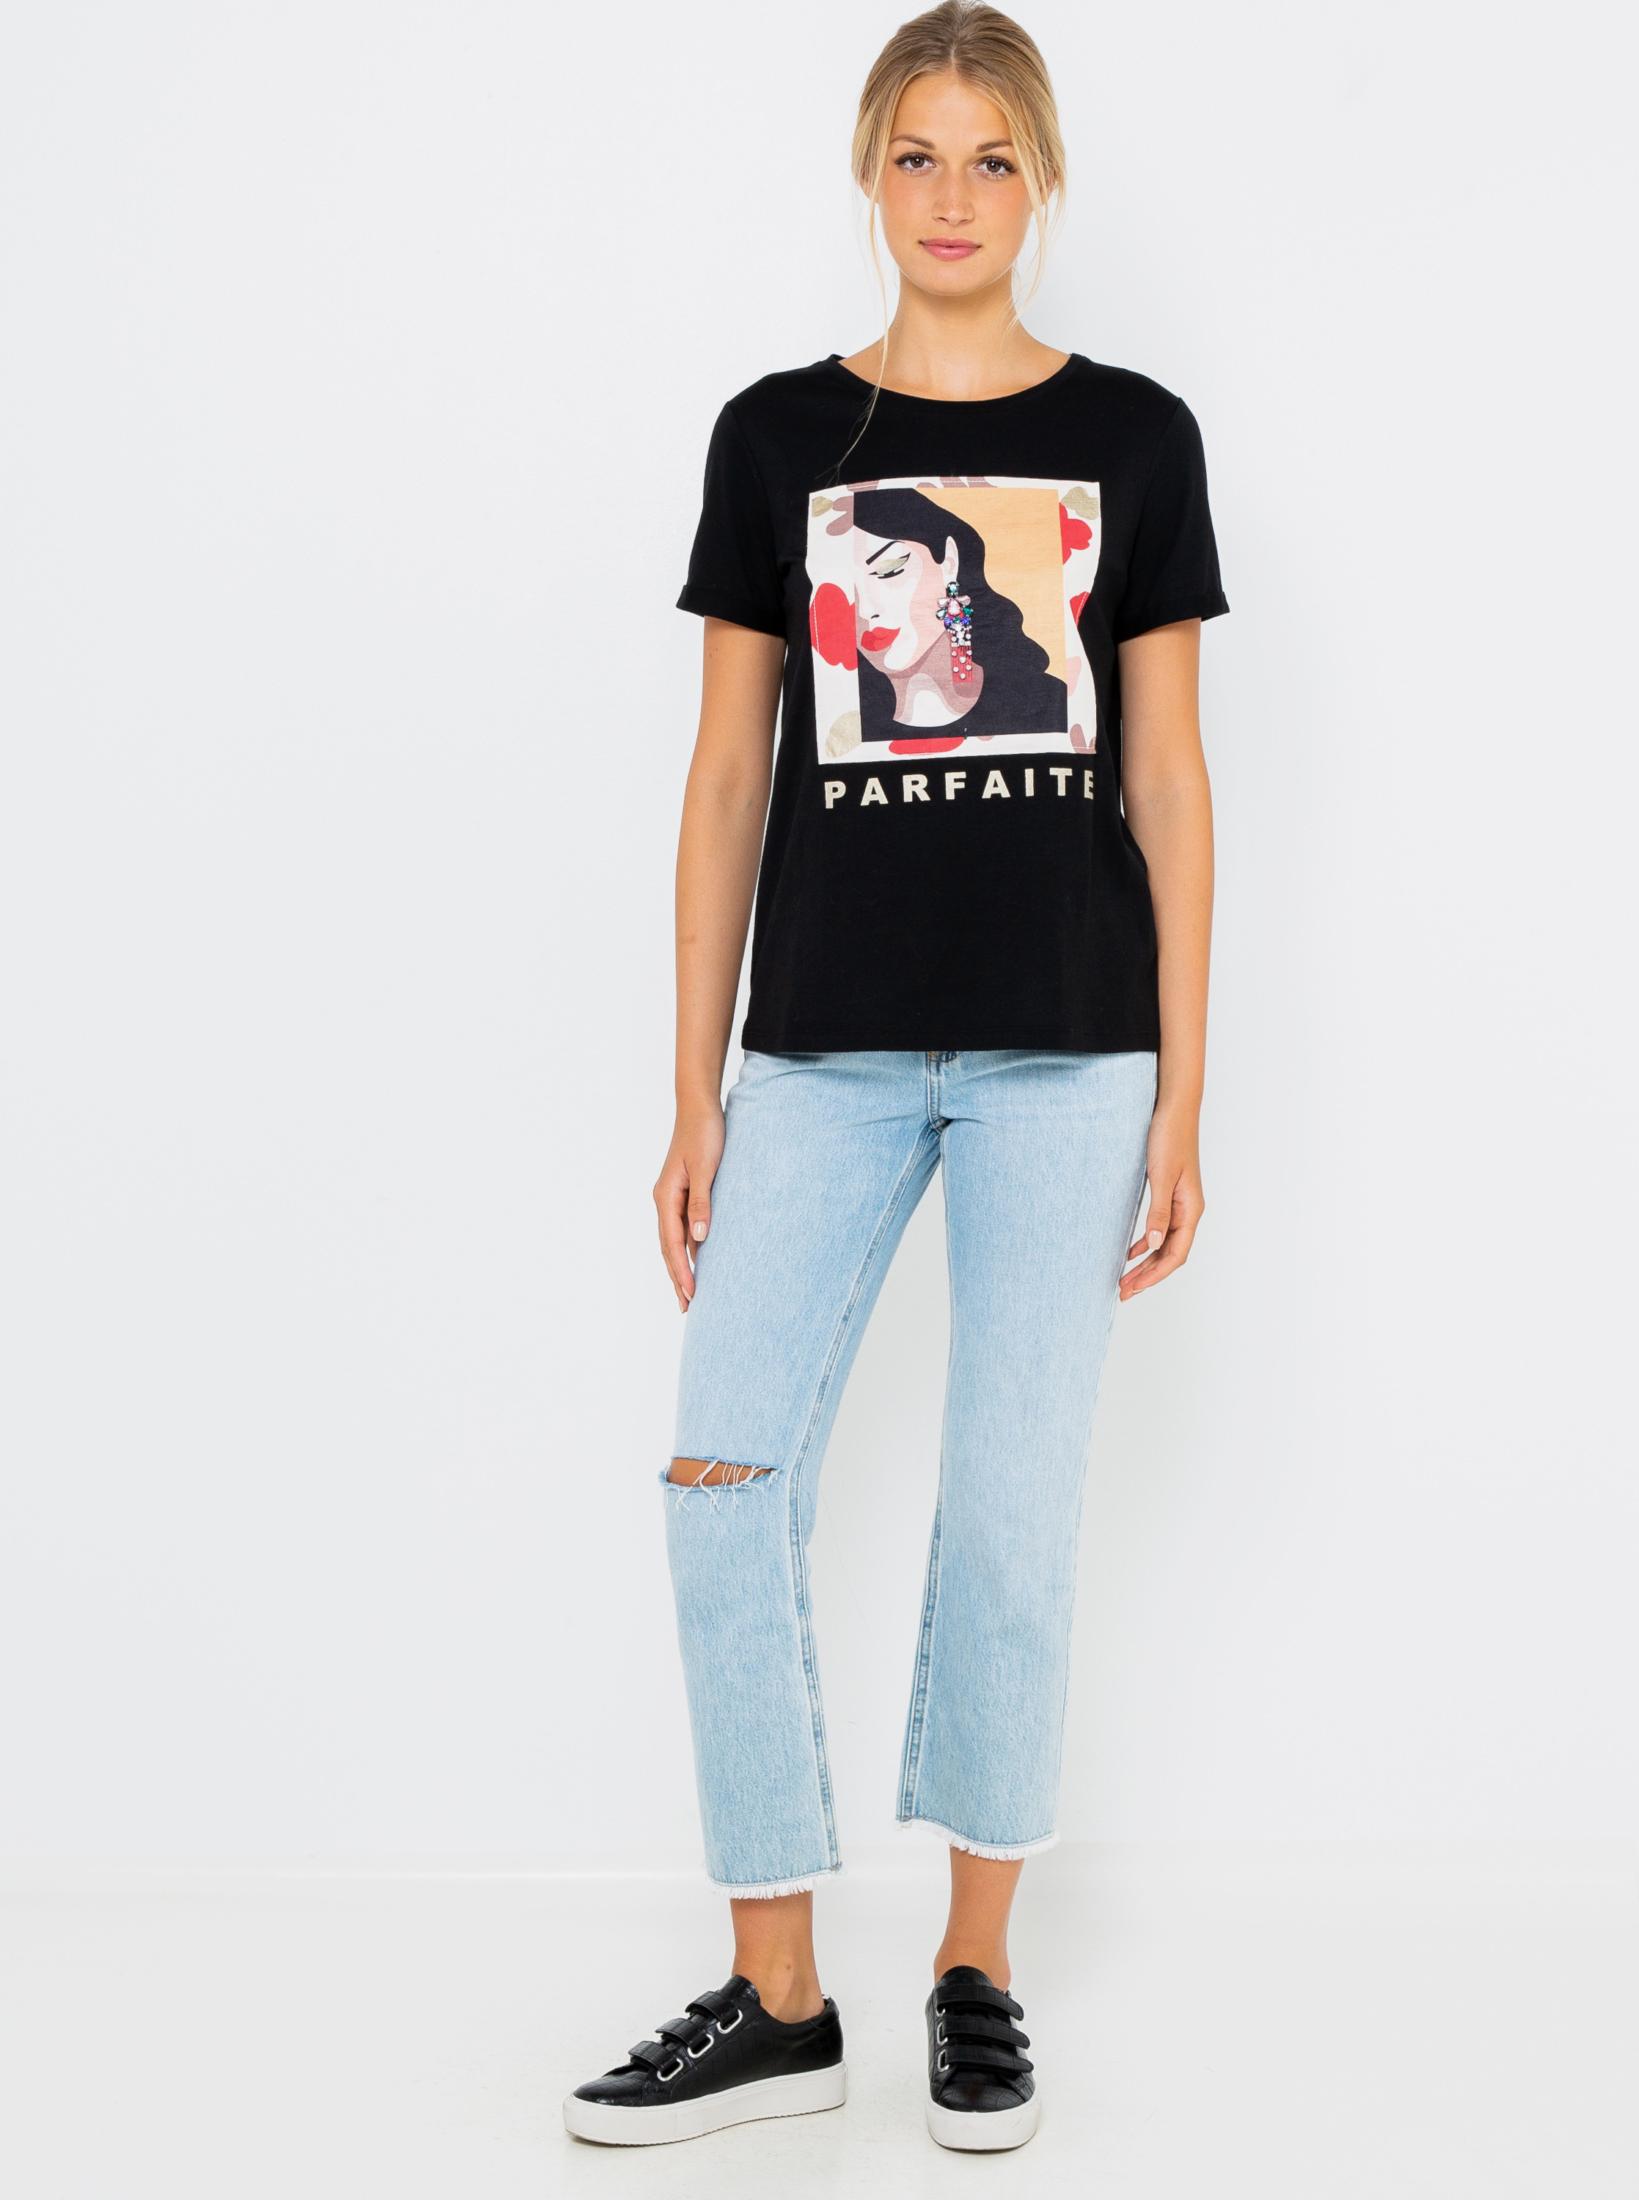 CAMAIEU Women's t-shirt black